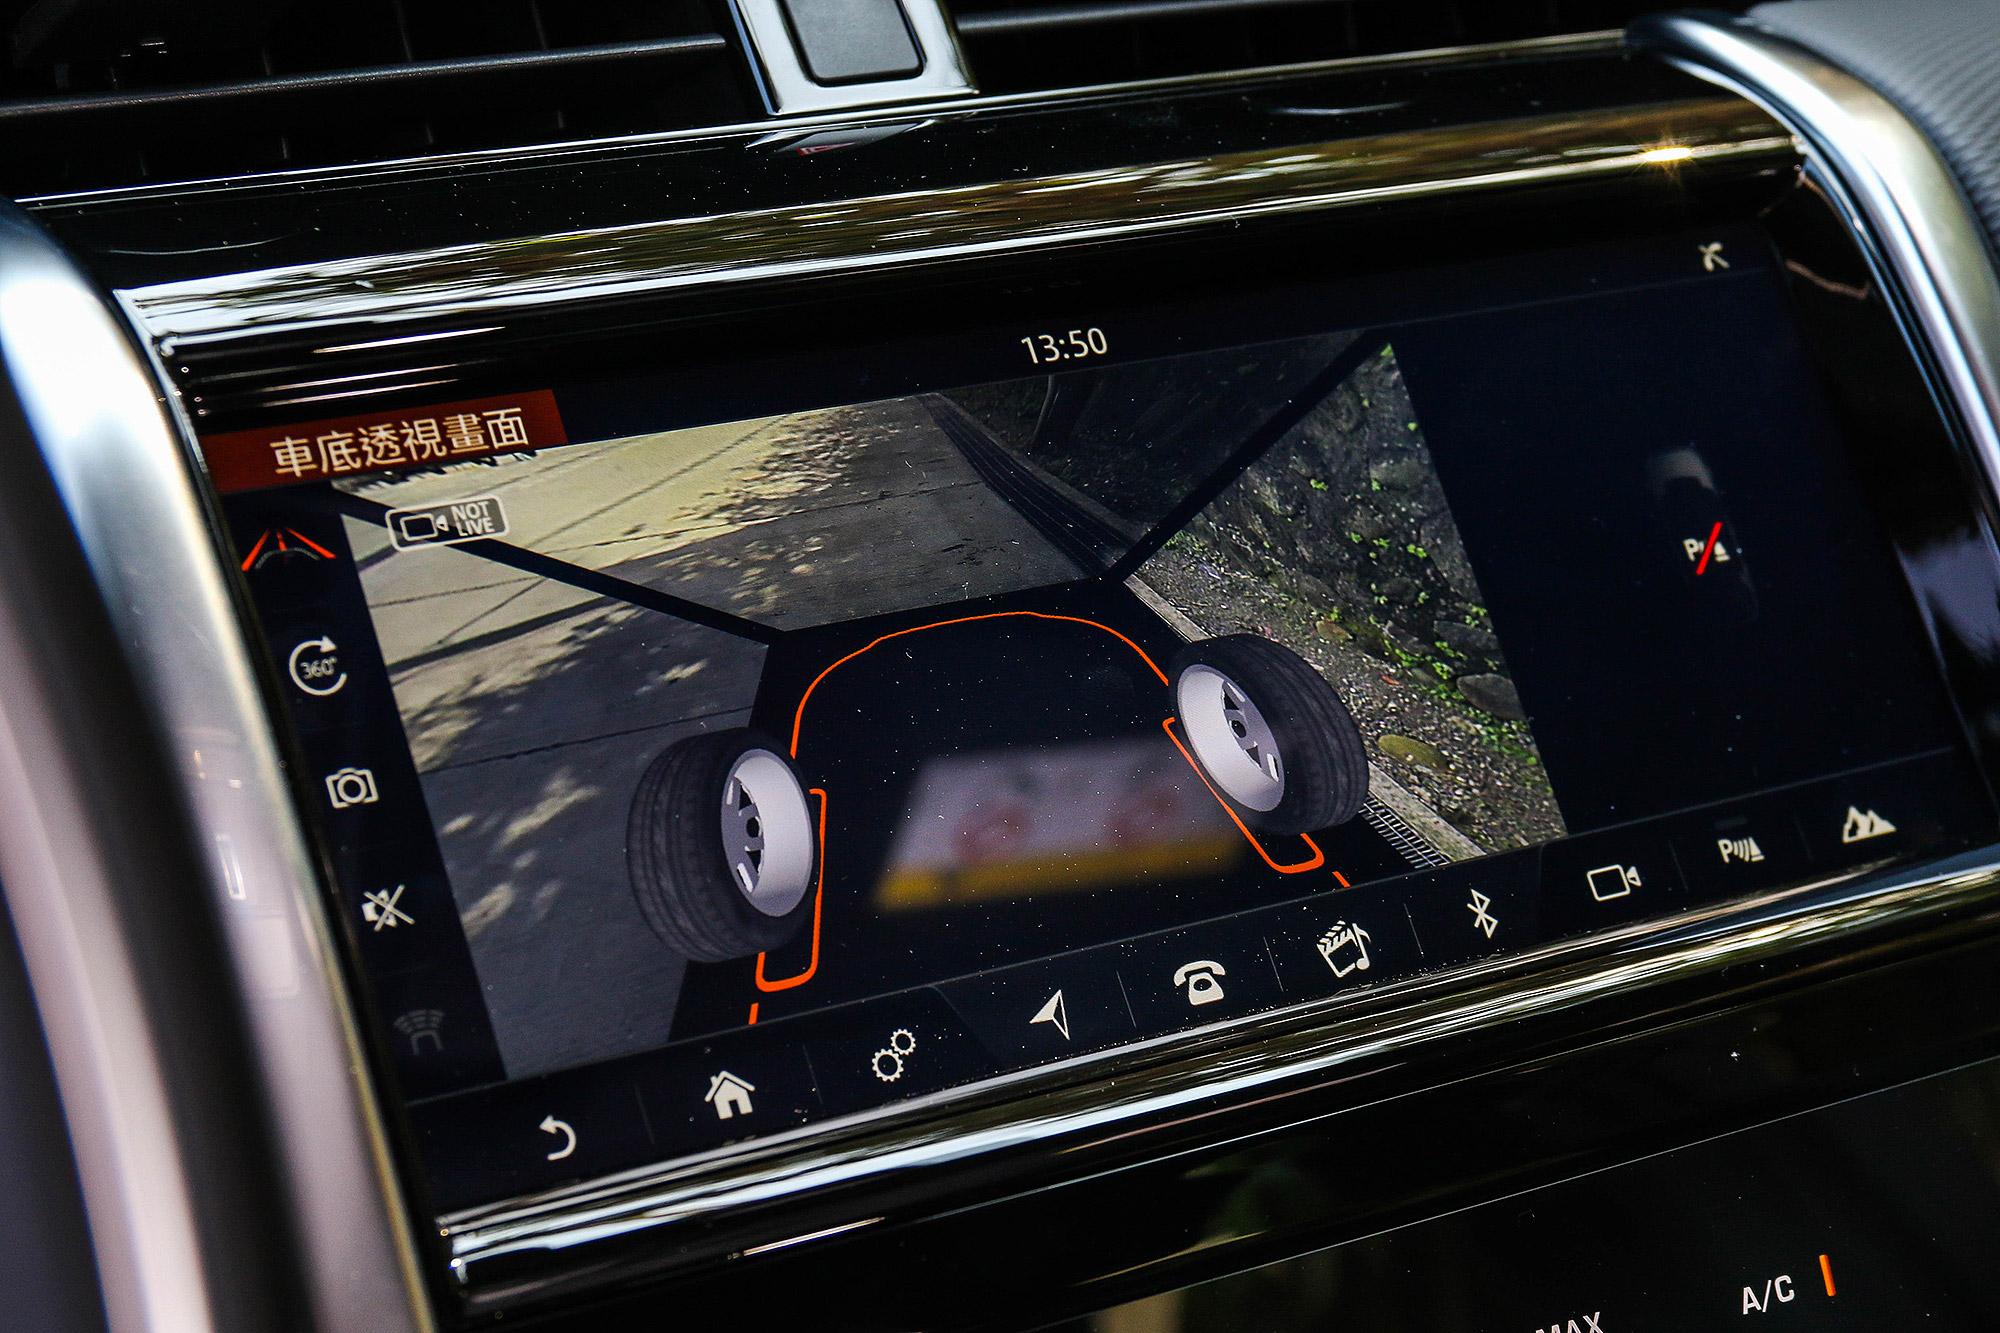 標配 360 度環景顯影功能的車型,也配備有可透式車底的 ClearSight 系統。